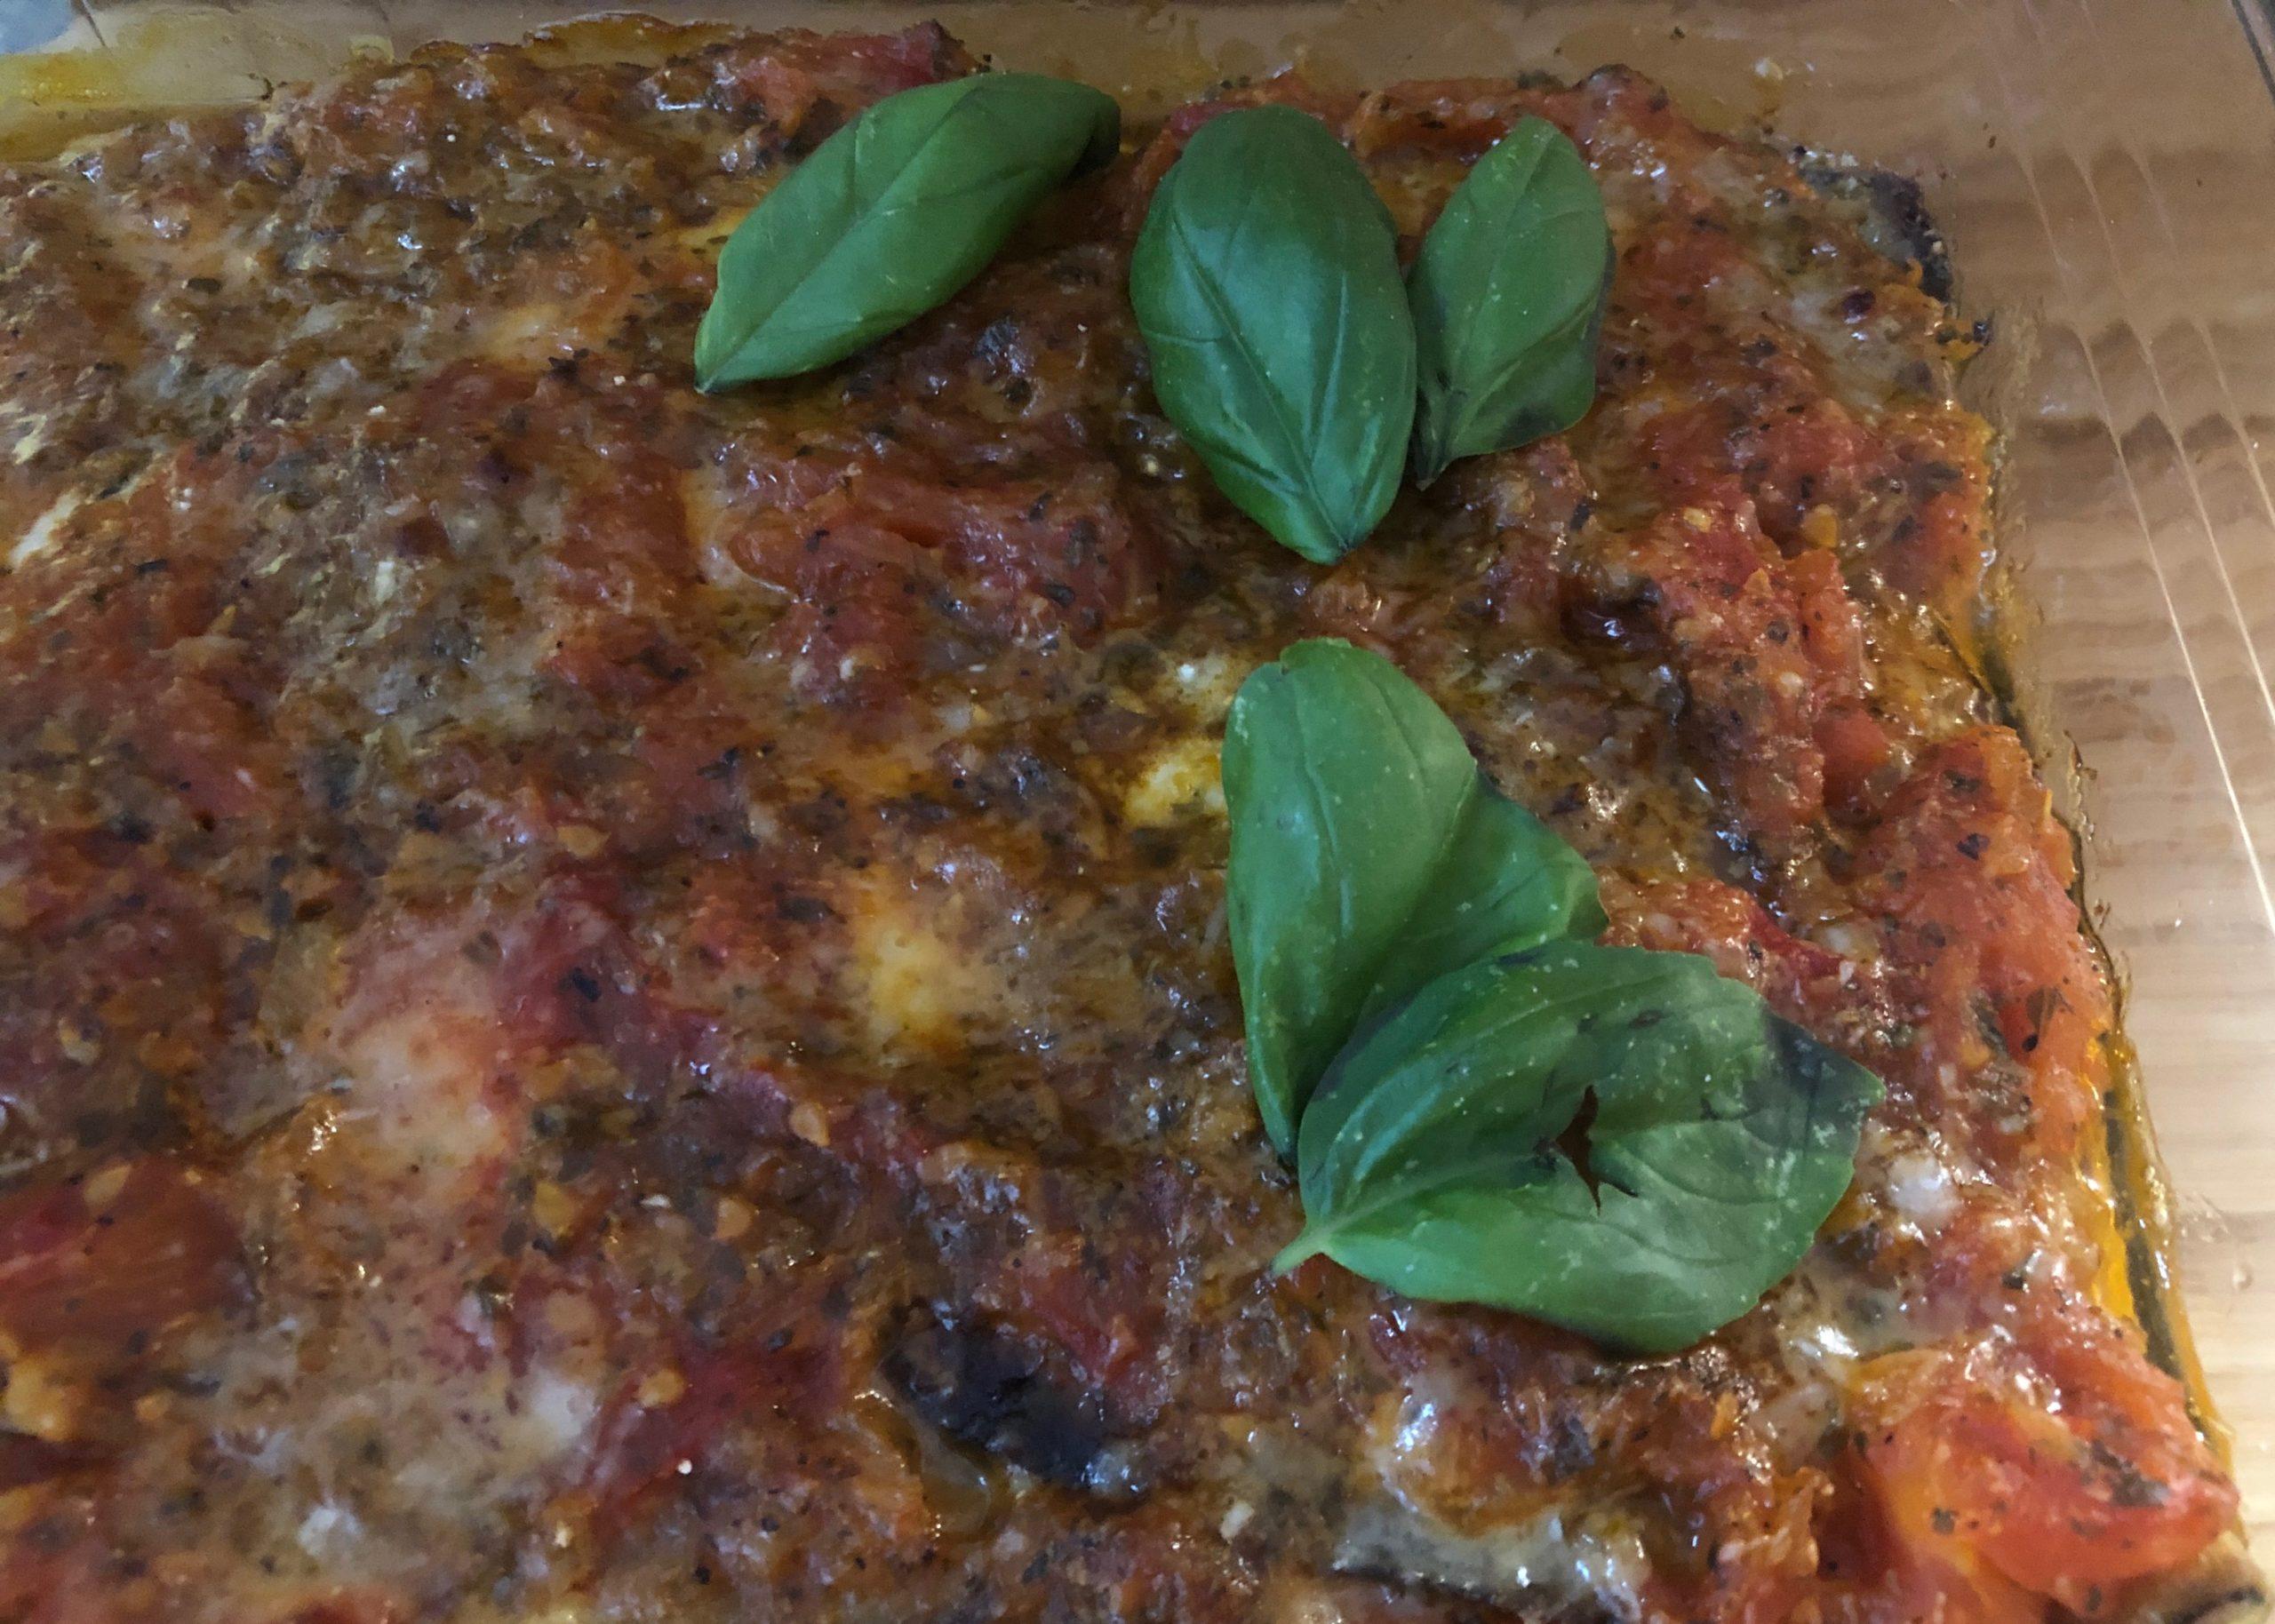 Parmigiana alla melanzane oder Auberginenauflauf